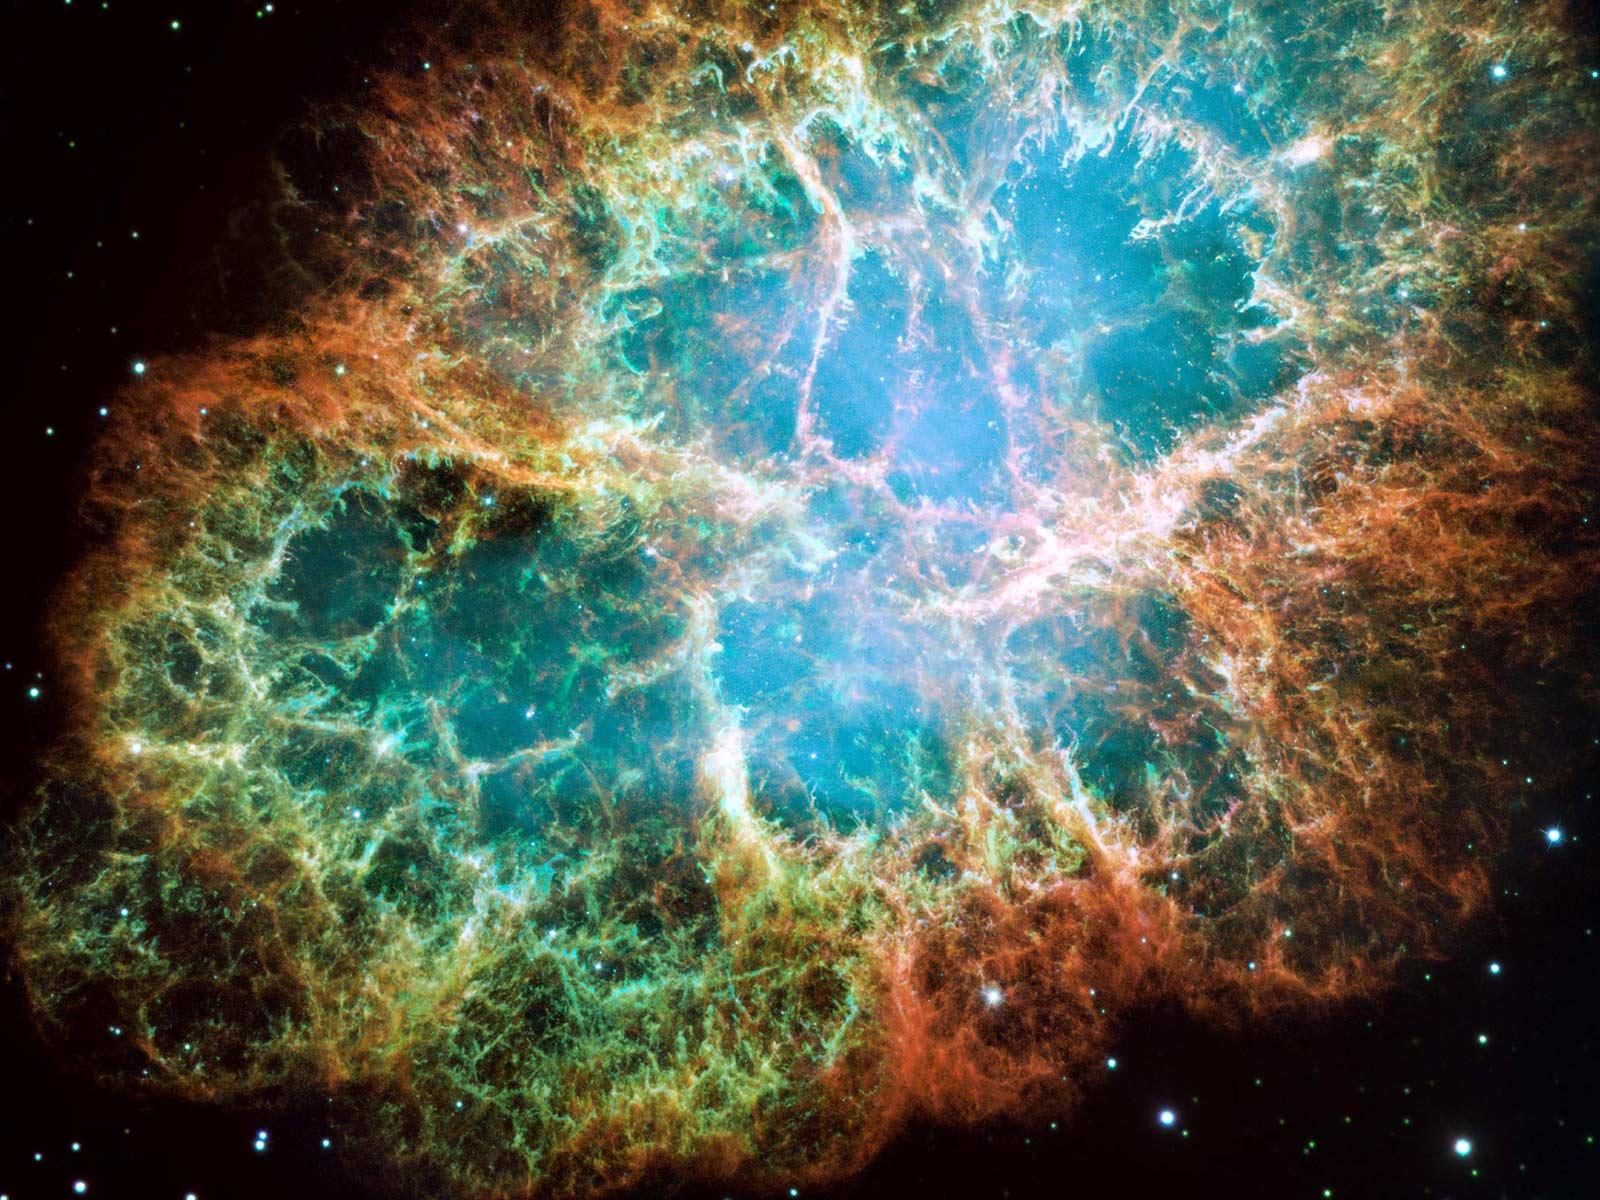 les plus belles photos de l'univers - Page 2 Supernova